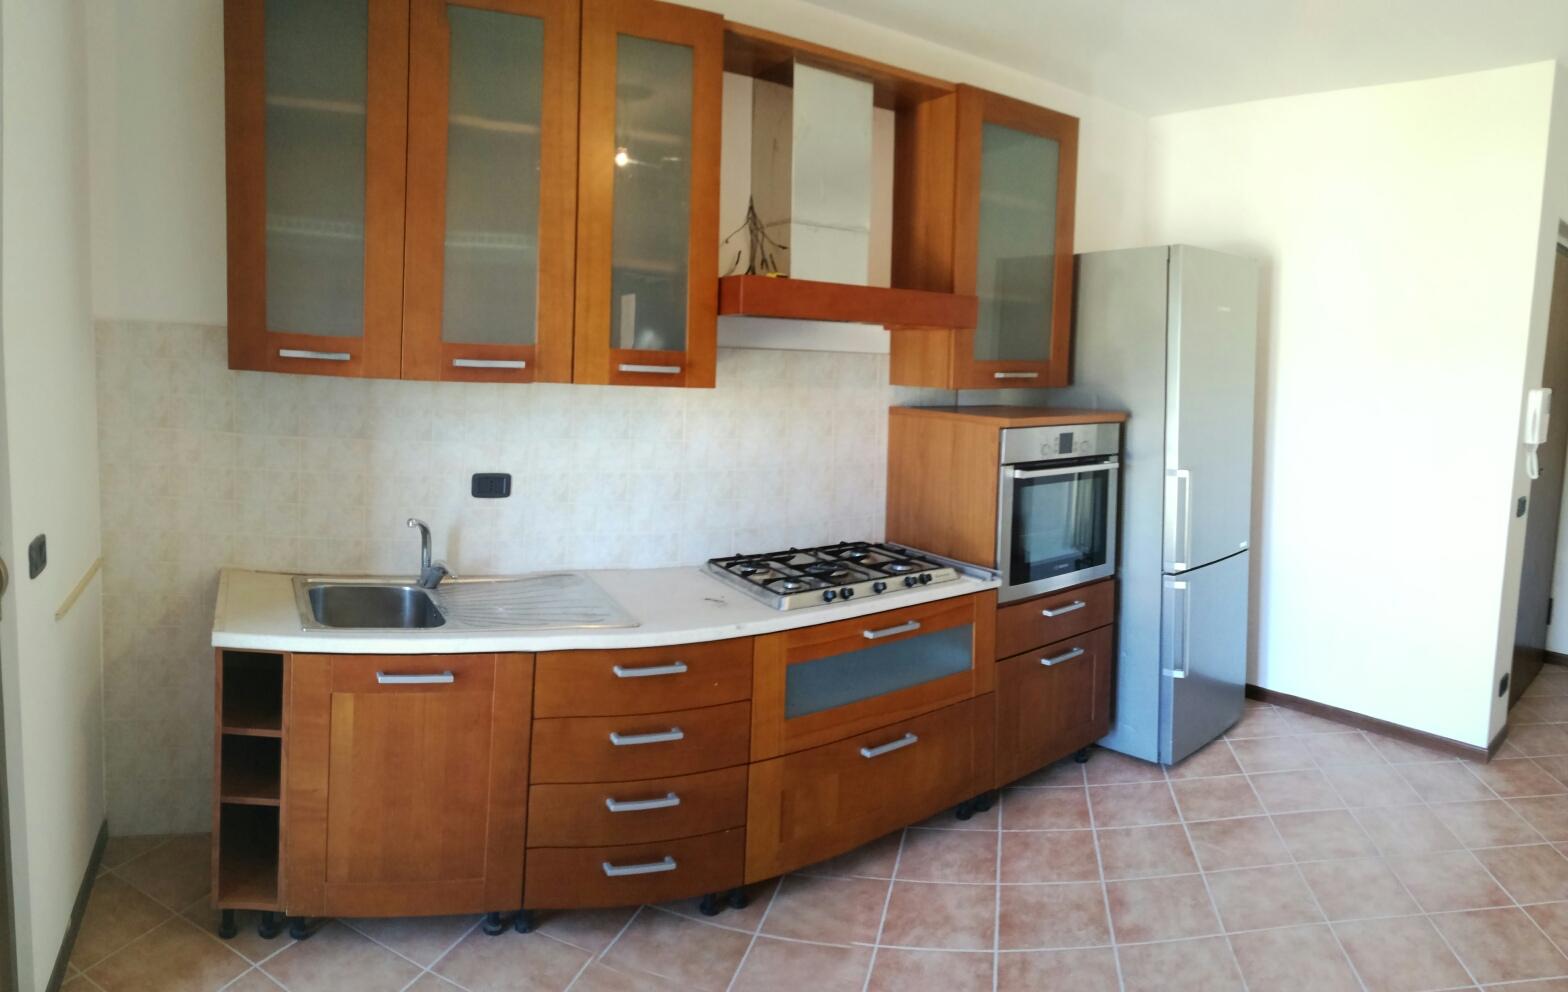 Appartamento in affitto a Cingoli, 2 locali, prezzo € 350 | Cambio Casa.it